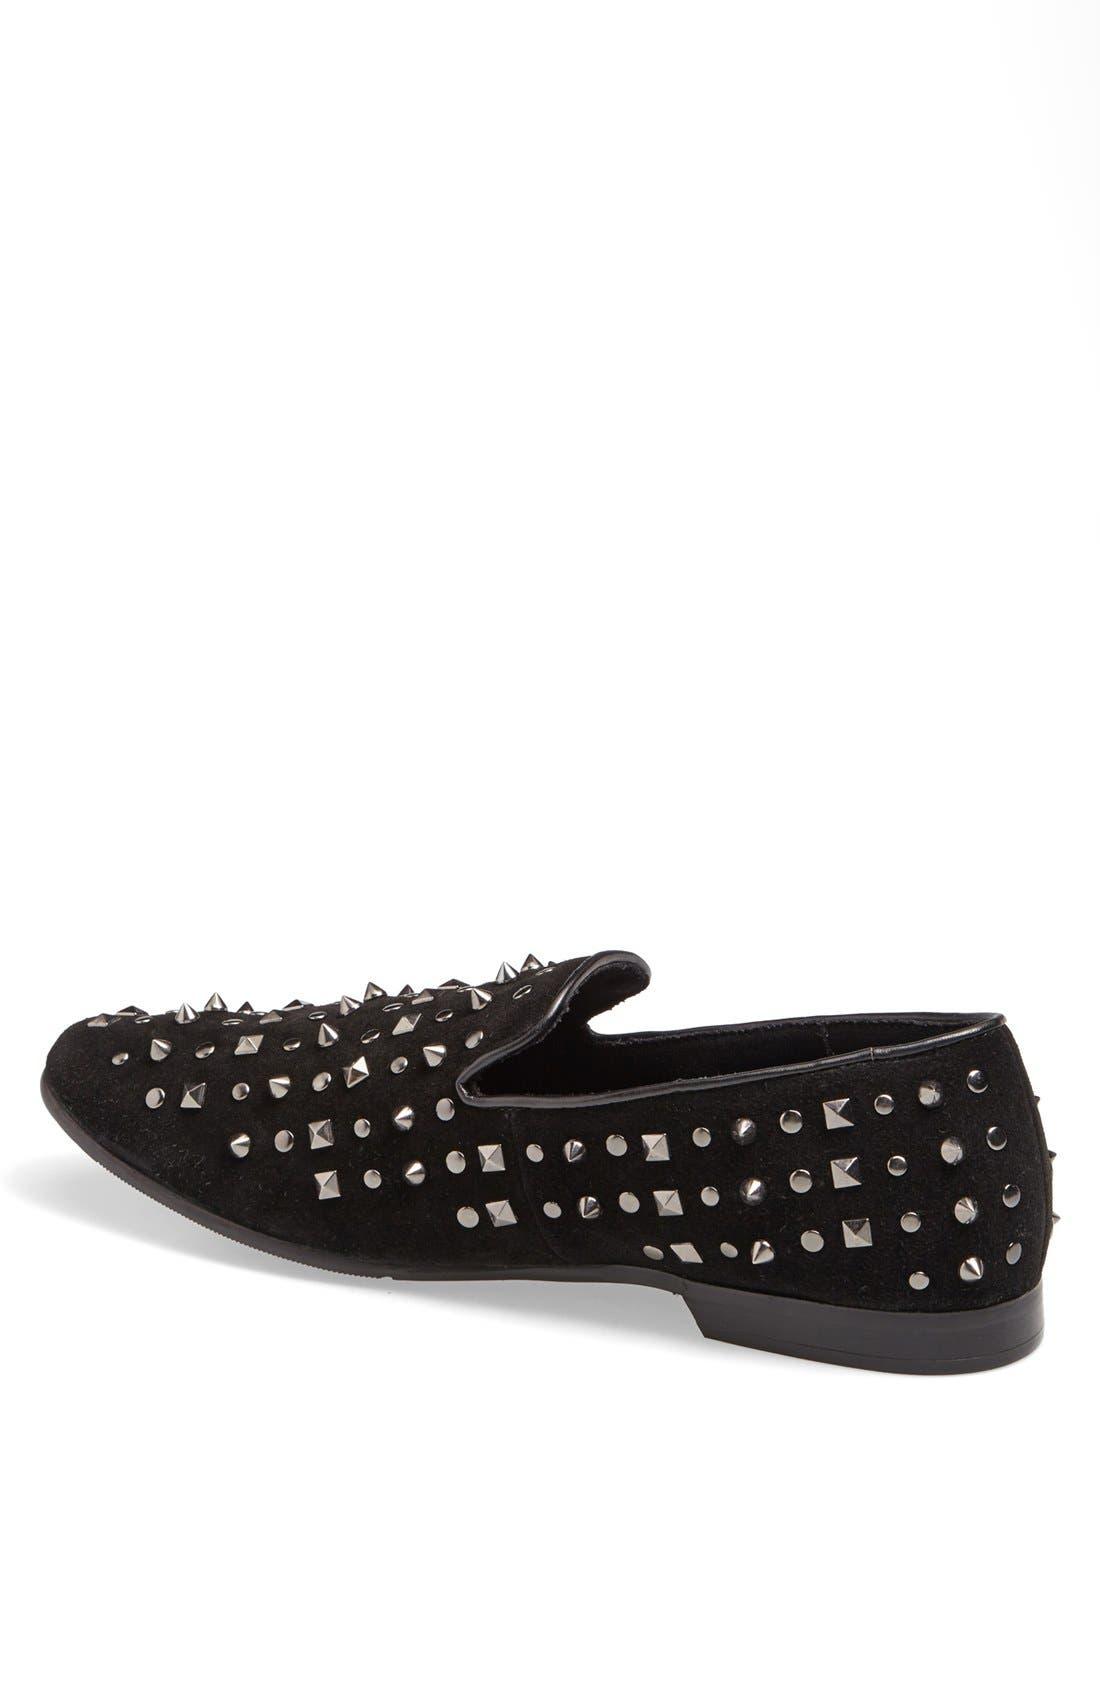 Alternate Image 2  - ALDO 'Coyan' Studded Loafer